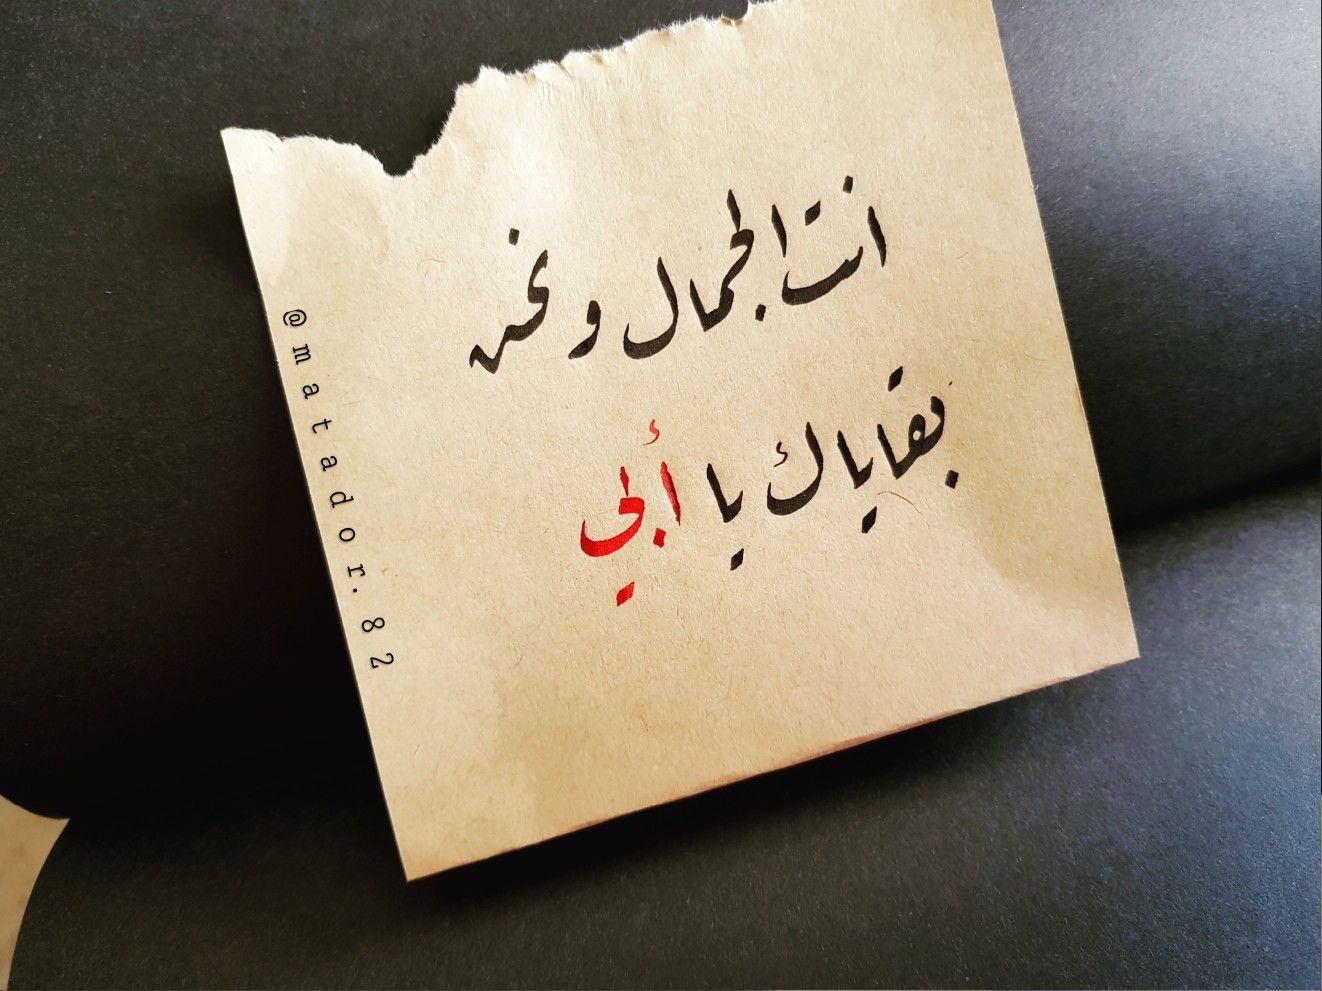 انت الجمال و نحن بقاياك يا أبي خواطر العراق خط عربي I Miss You Dad Arabic Quotes Book Worms